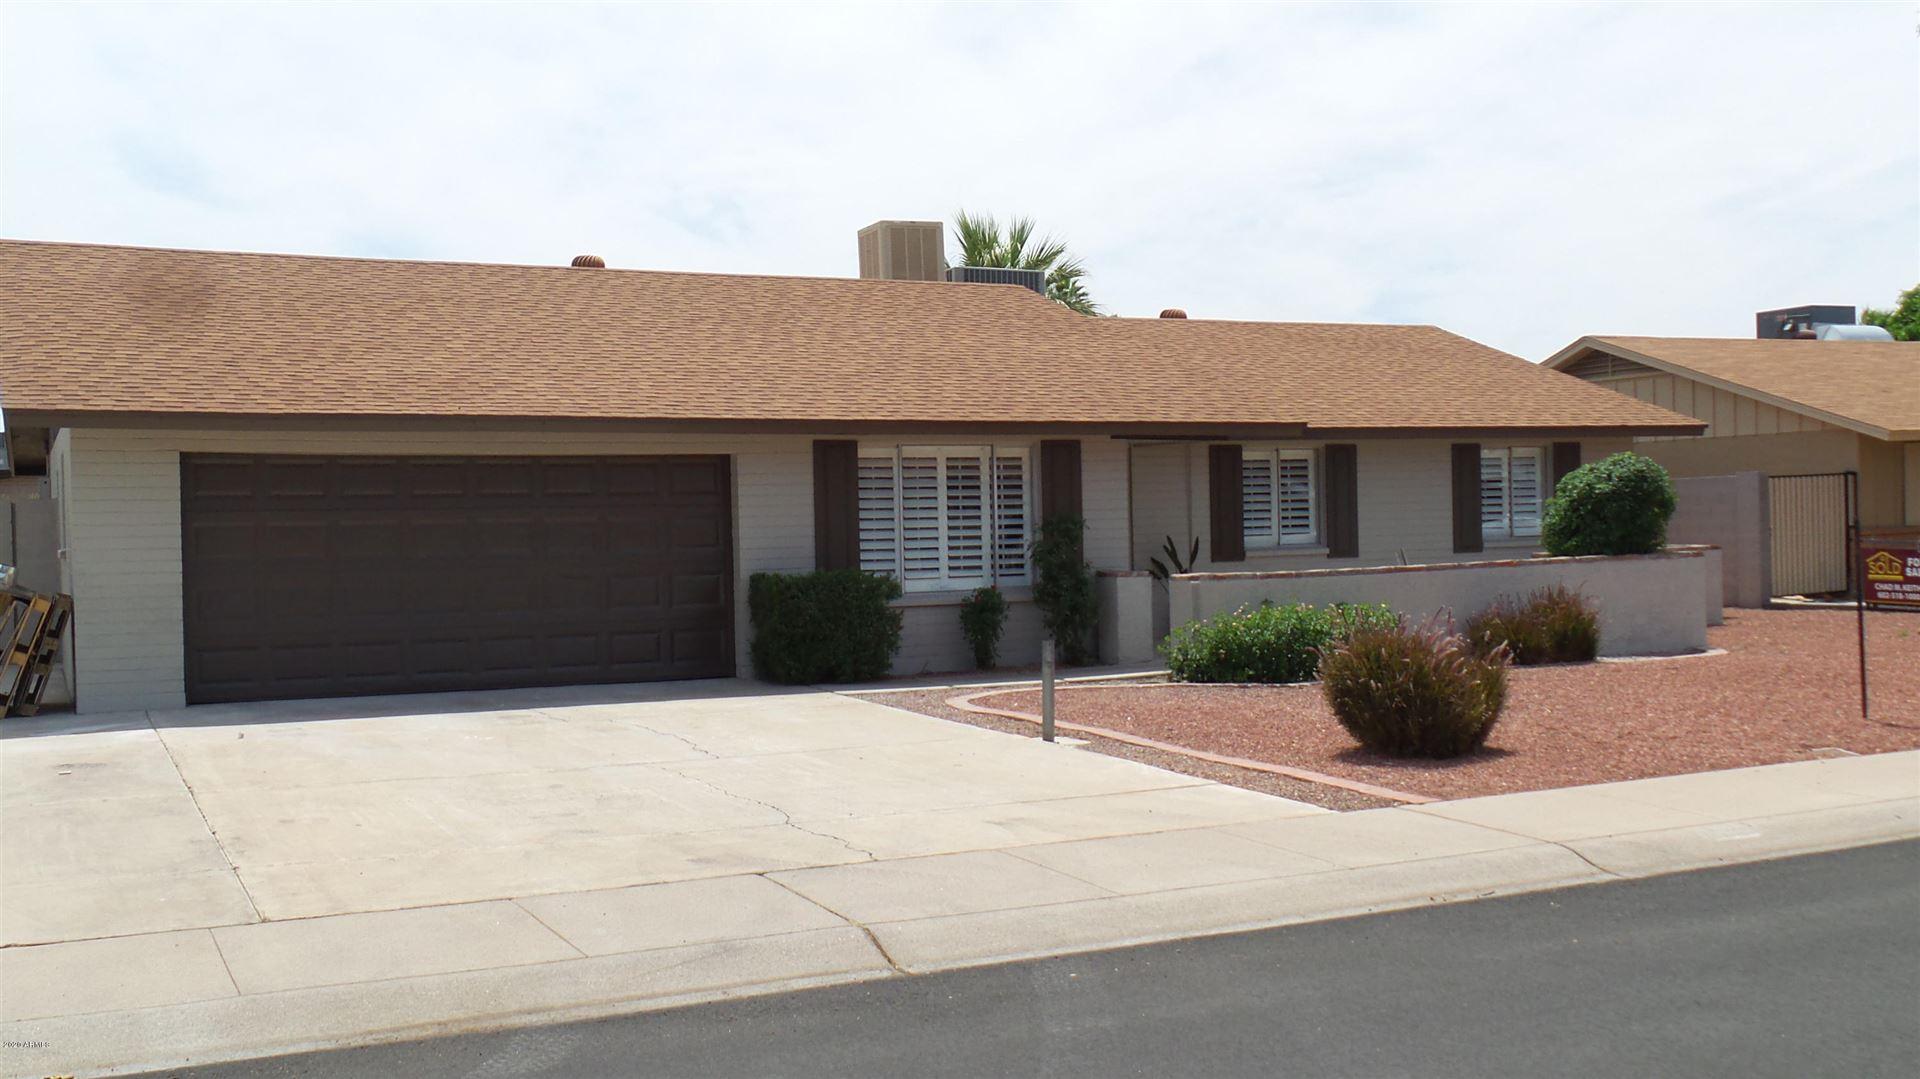 3823 W MESCAL Street, Phoenix, AZ 85029 - MLS#: 6078828